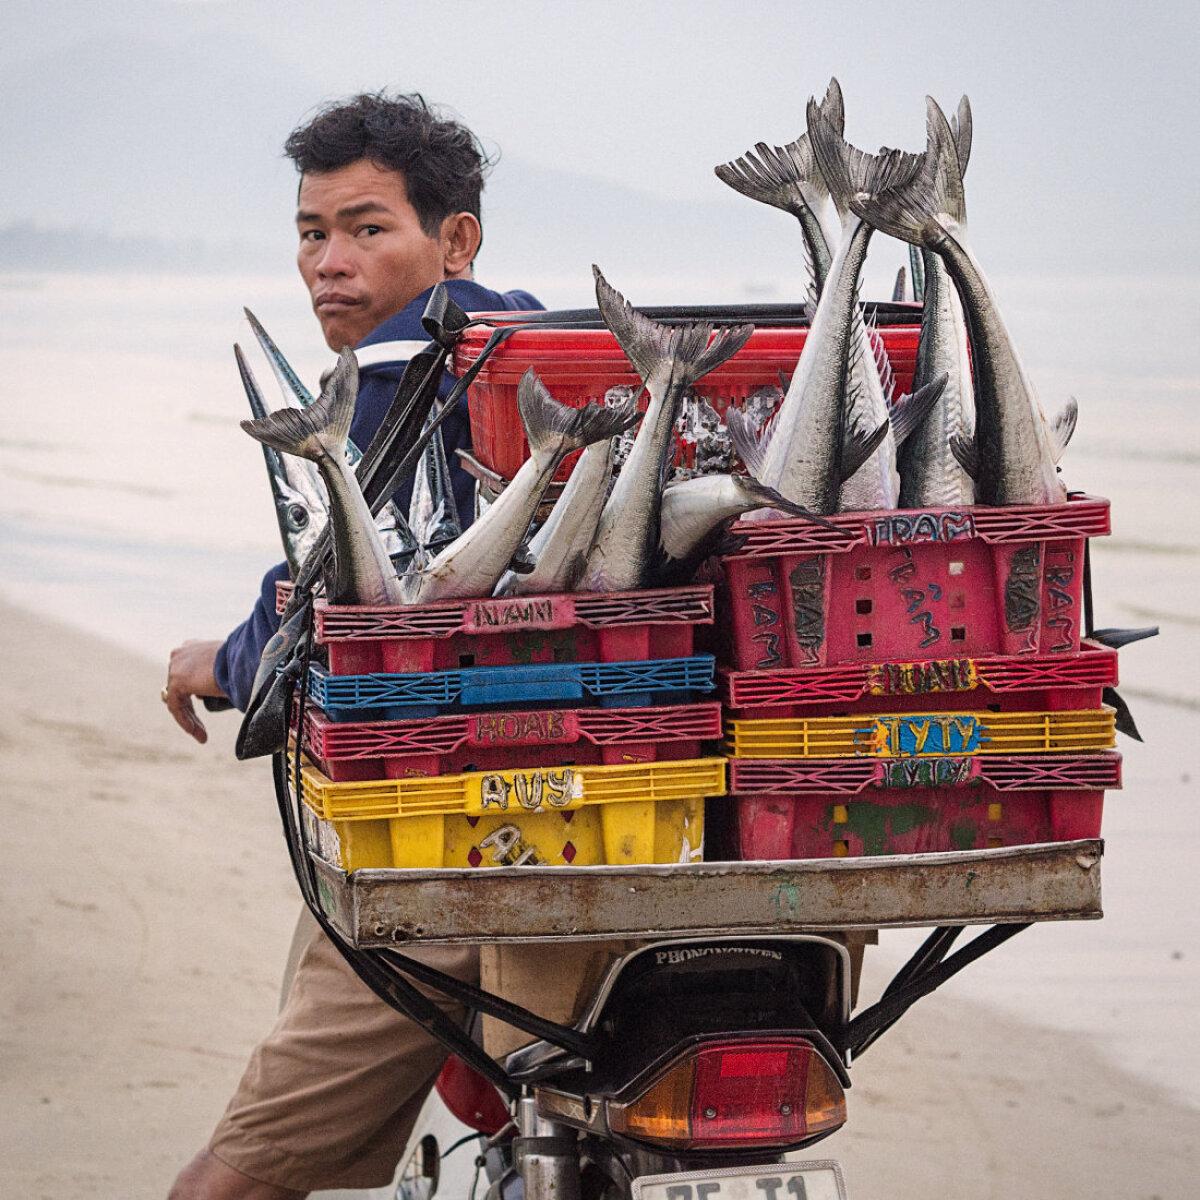 Hommikune turulkäik. Kohalikud külaelanikud kogunevad päikesetõusuks randa ootama värske kala saabumist – Loc Vinh, Vietnam